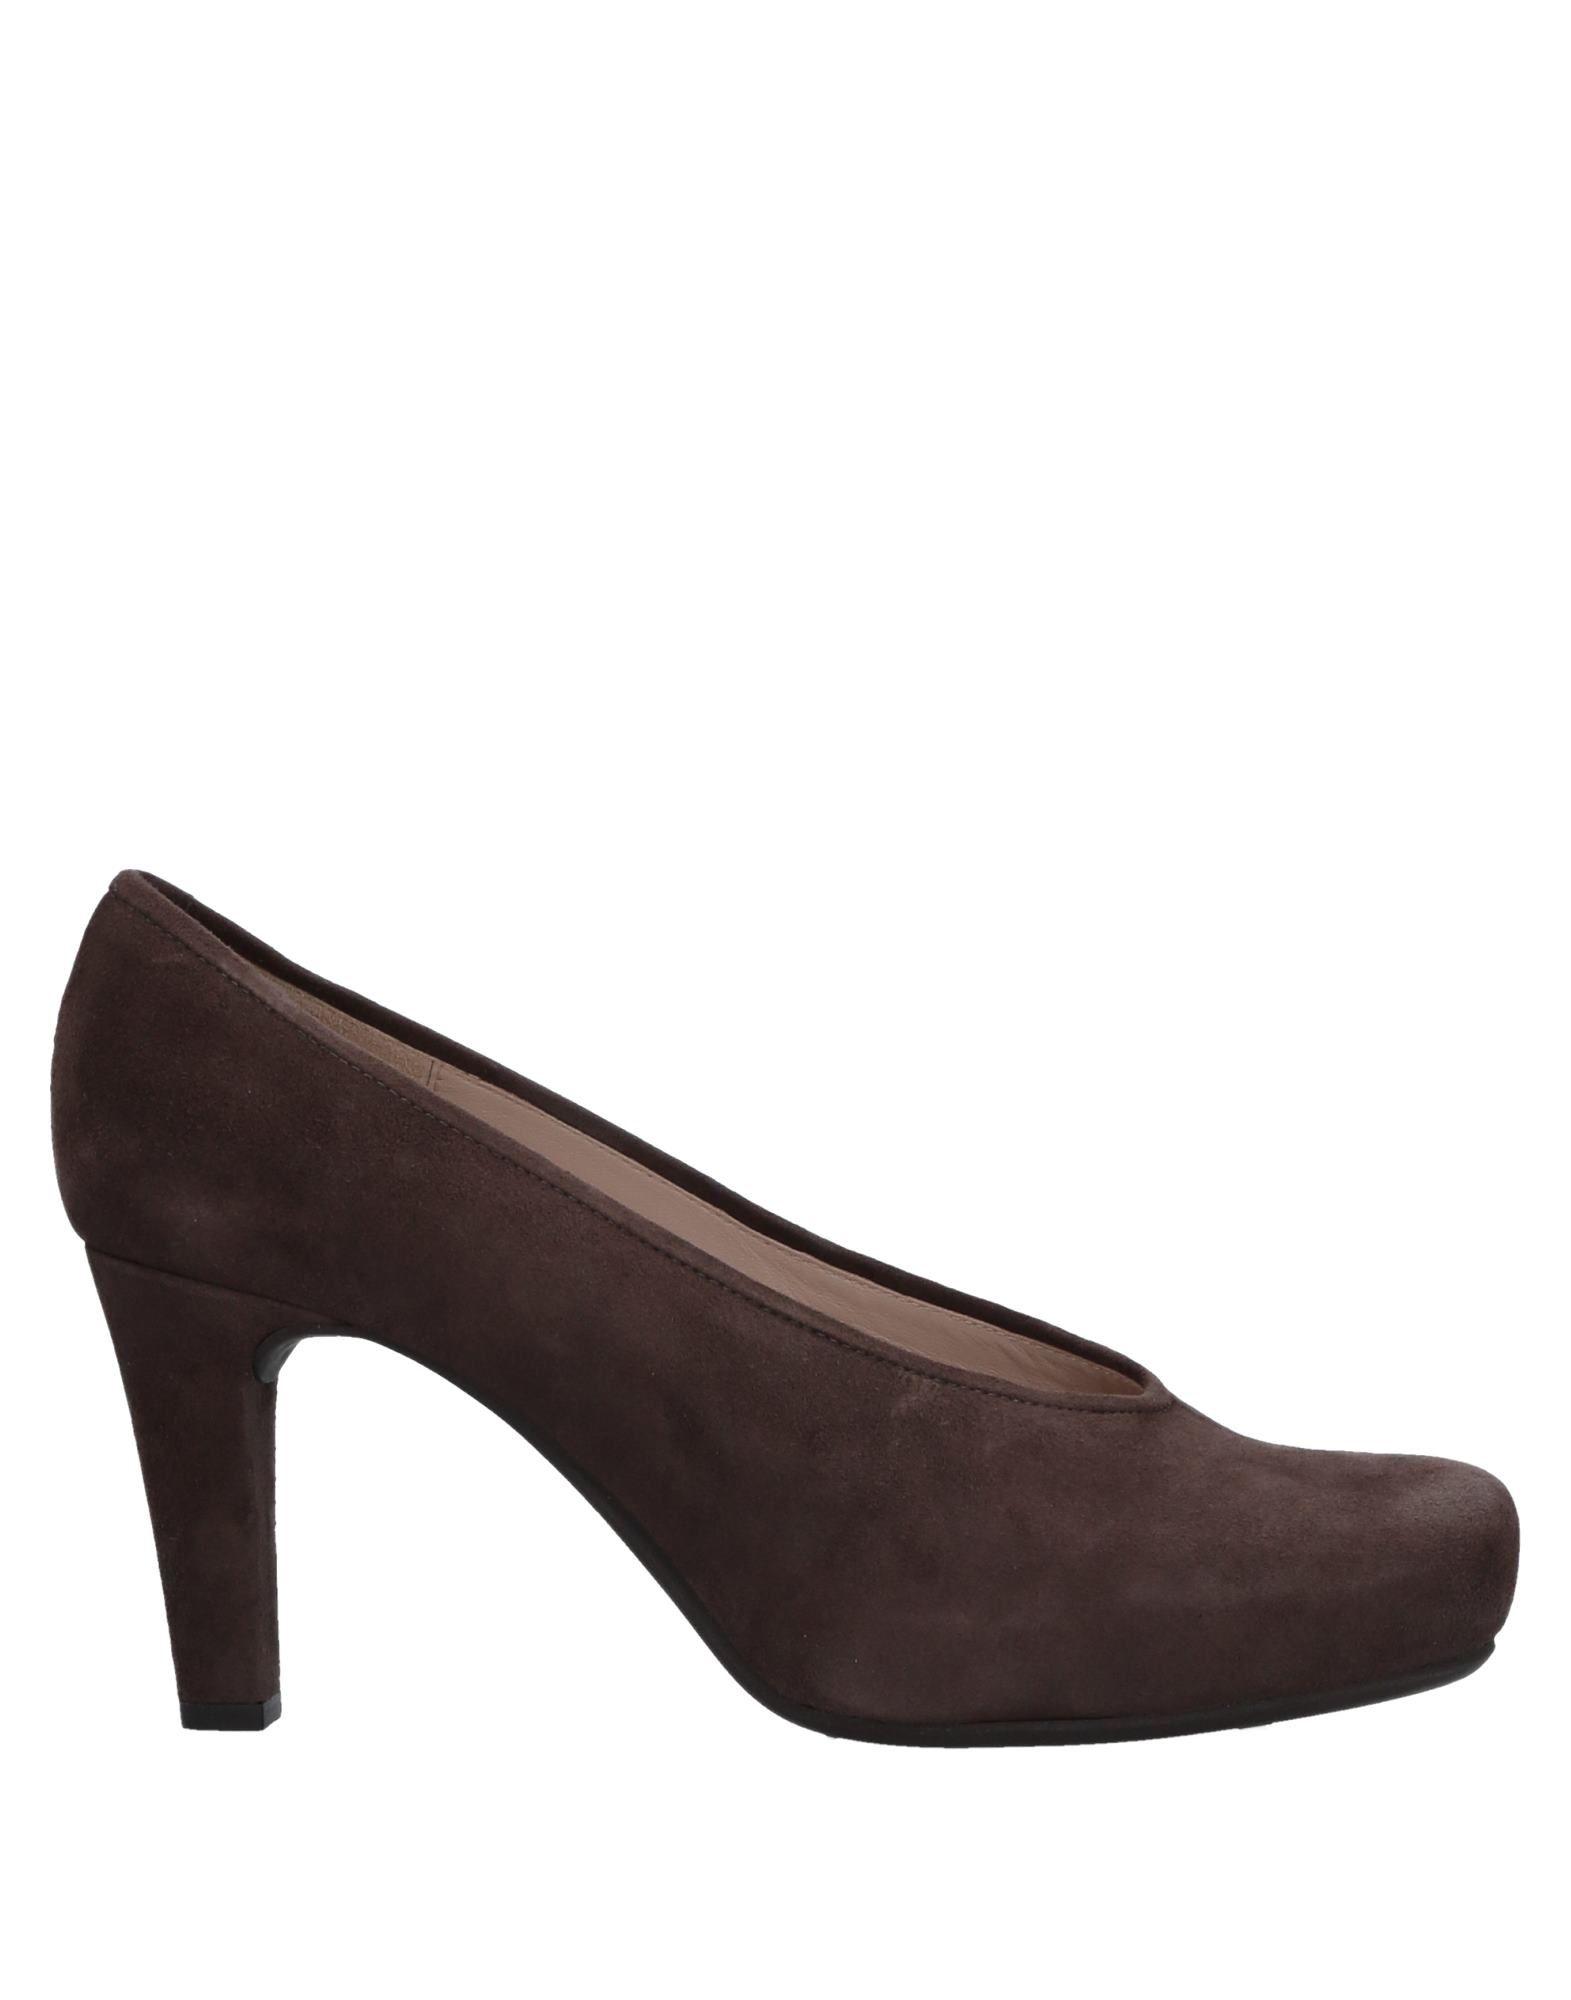 Unisa Pumps Damen  11519010GE Gute Qualität beliebte Schuhe